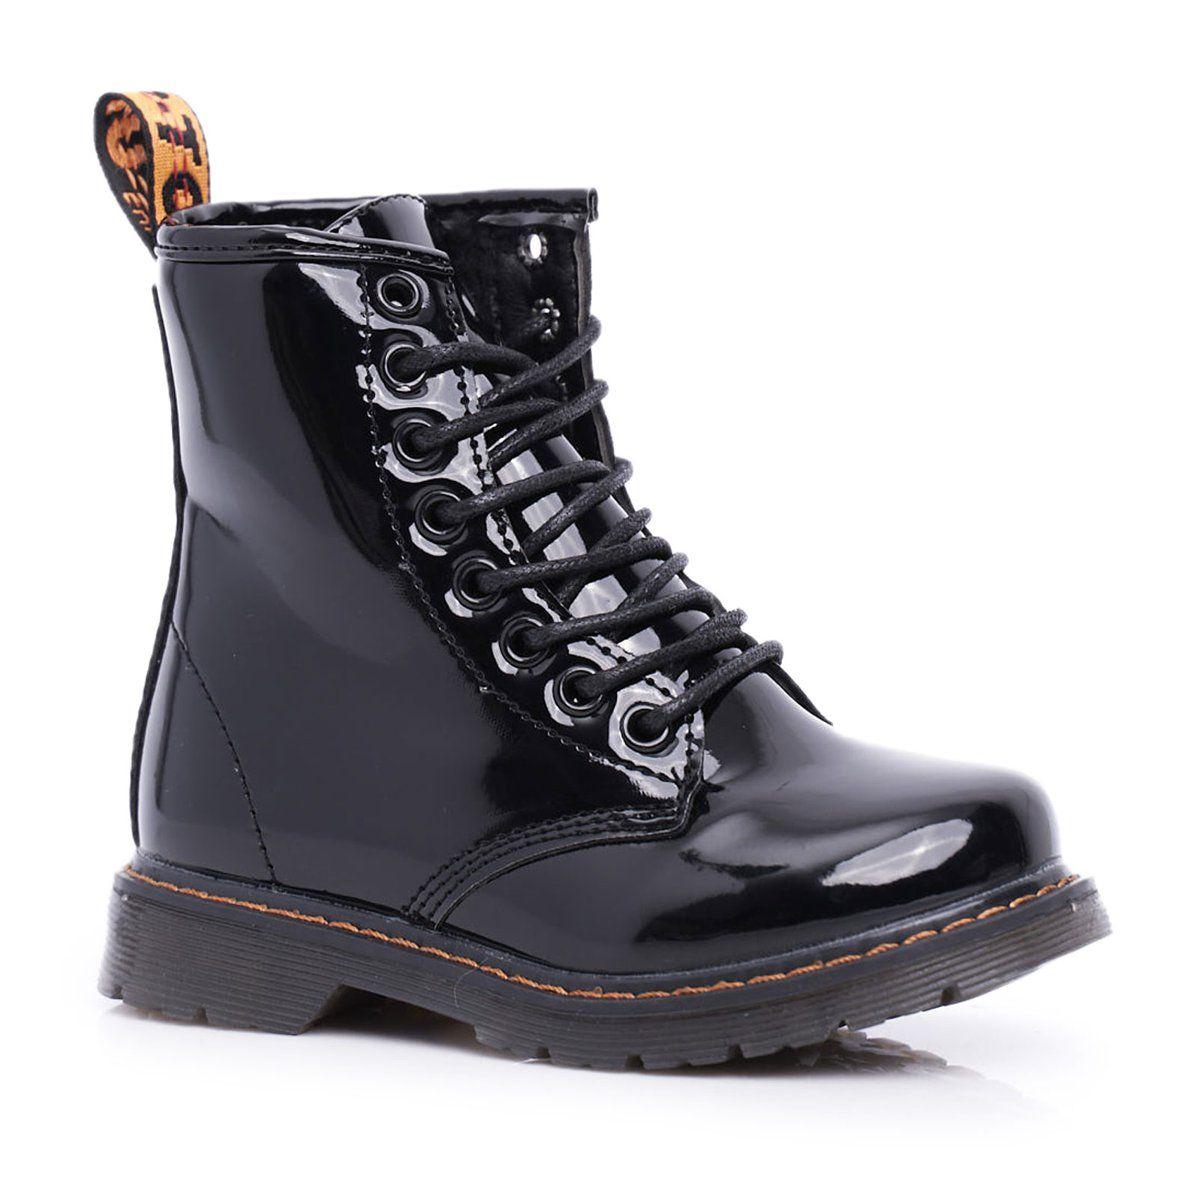 Frrock Dzieciece Botki Ocieplane Z Suwakiem Lakierowane Czarne Goopy Combat Boots Boots Dr Martens Boots